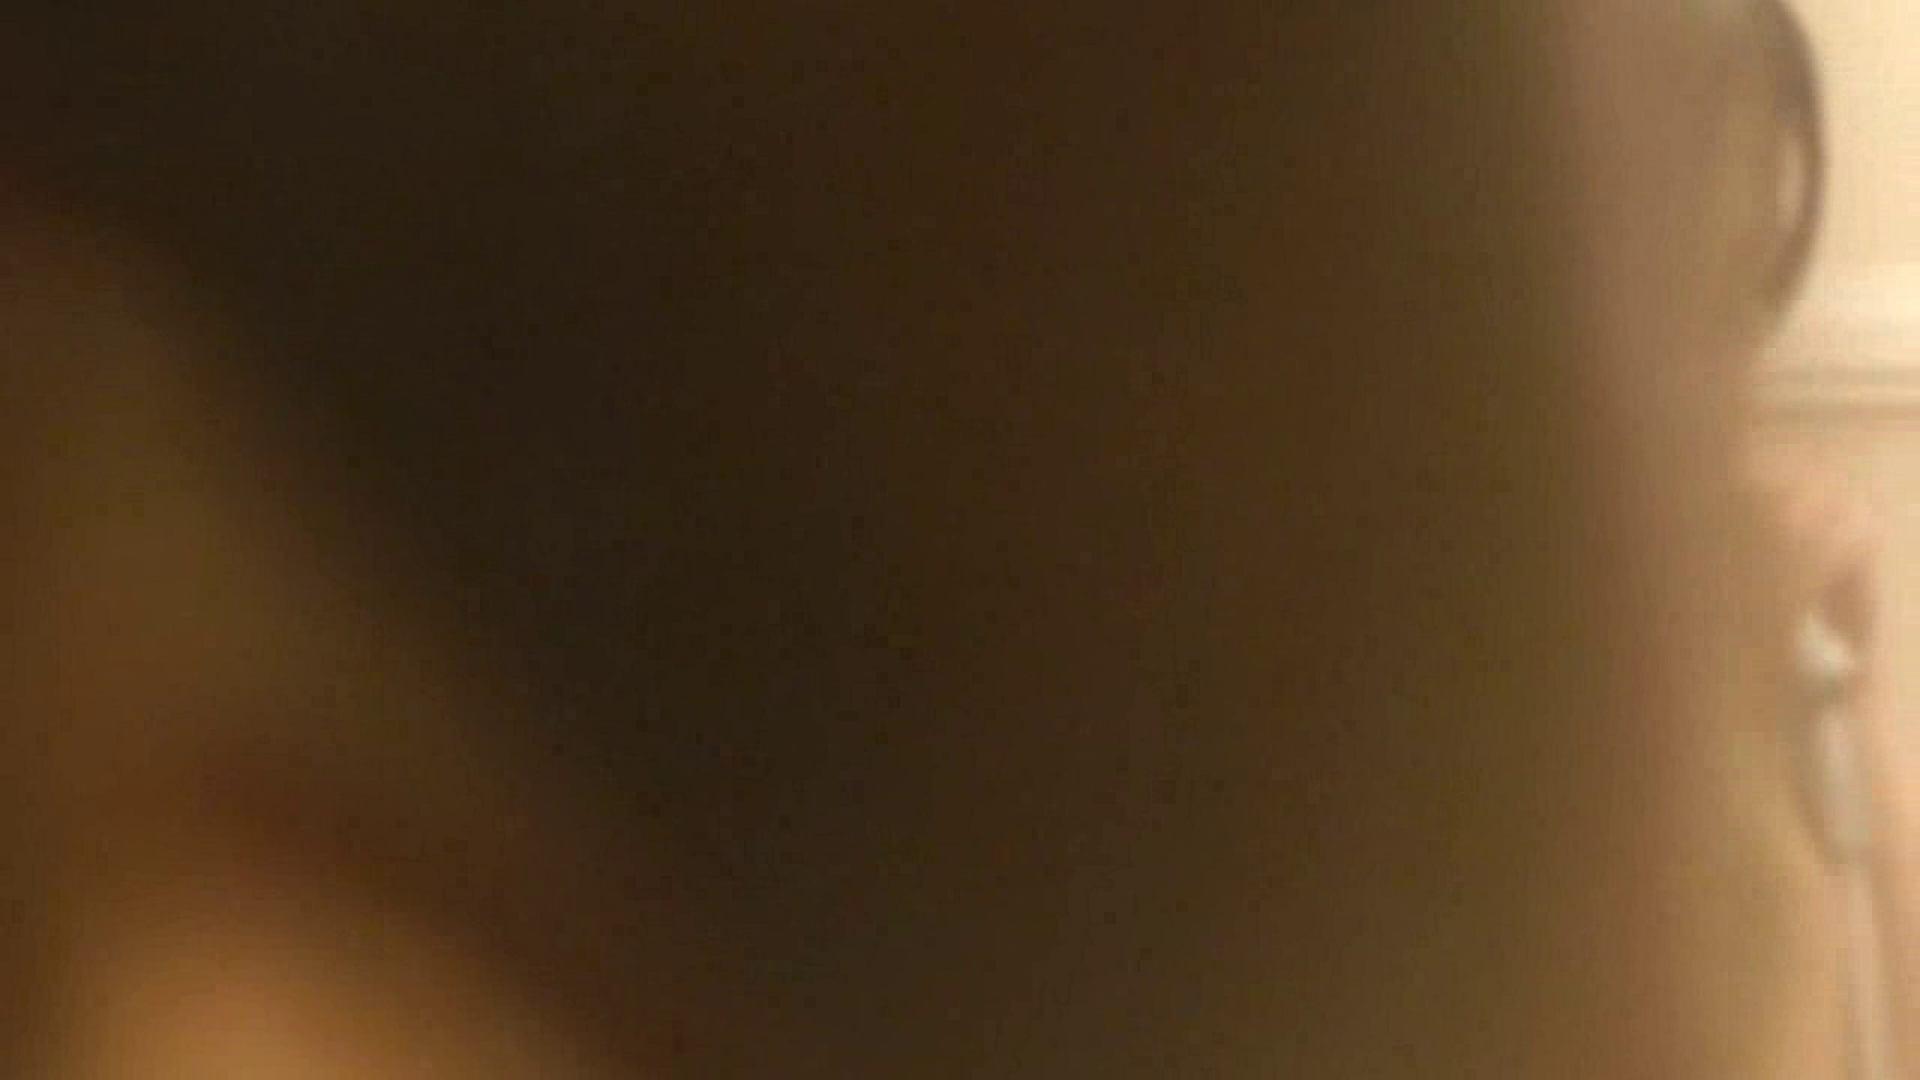 vol.1 Mayumi 窓越しに入浴シーン撮影に成功 OL   入浴シーン  89連発 32